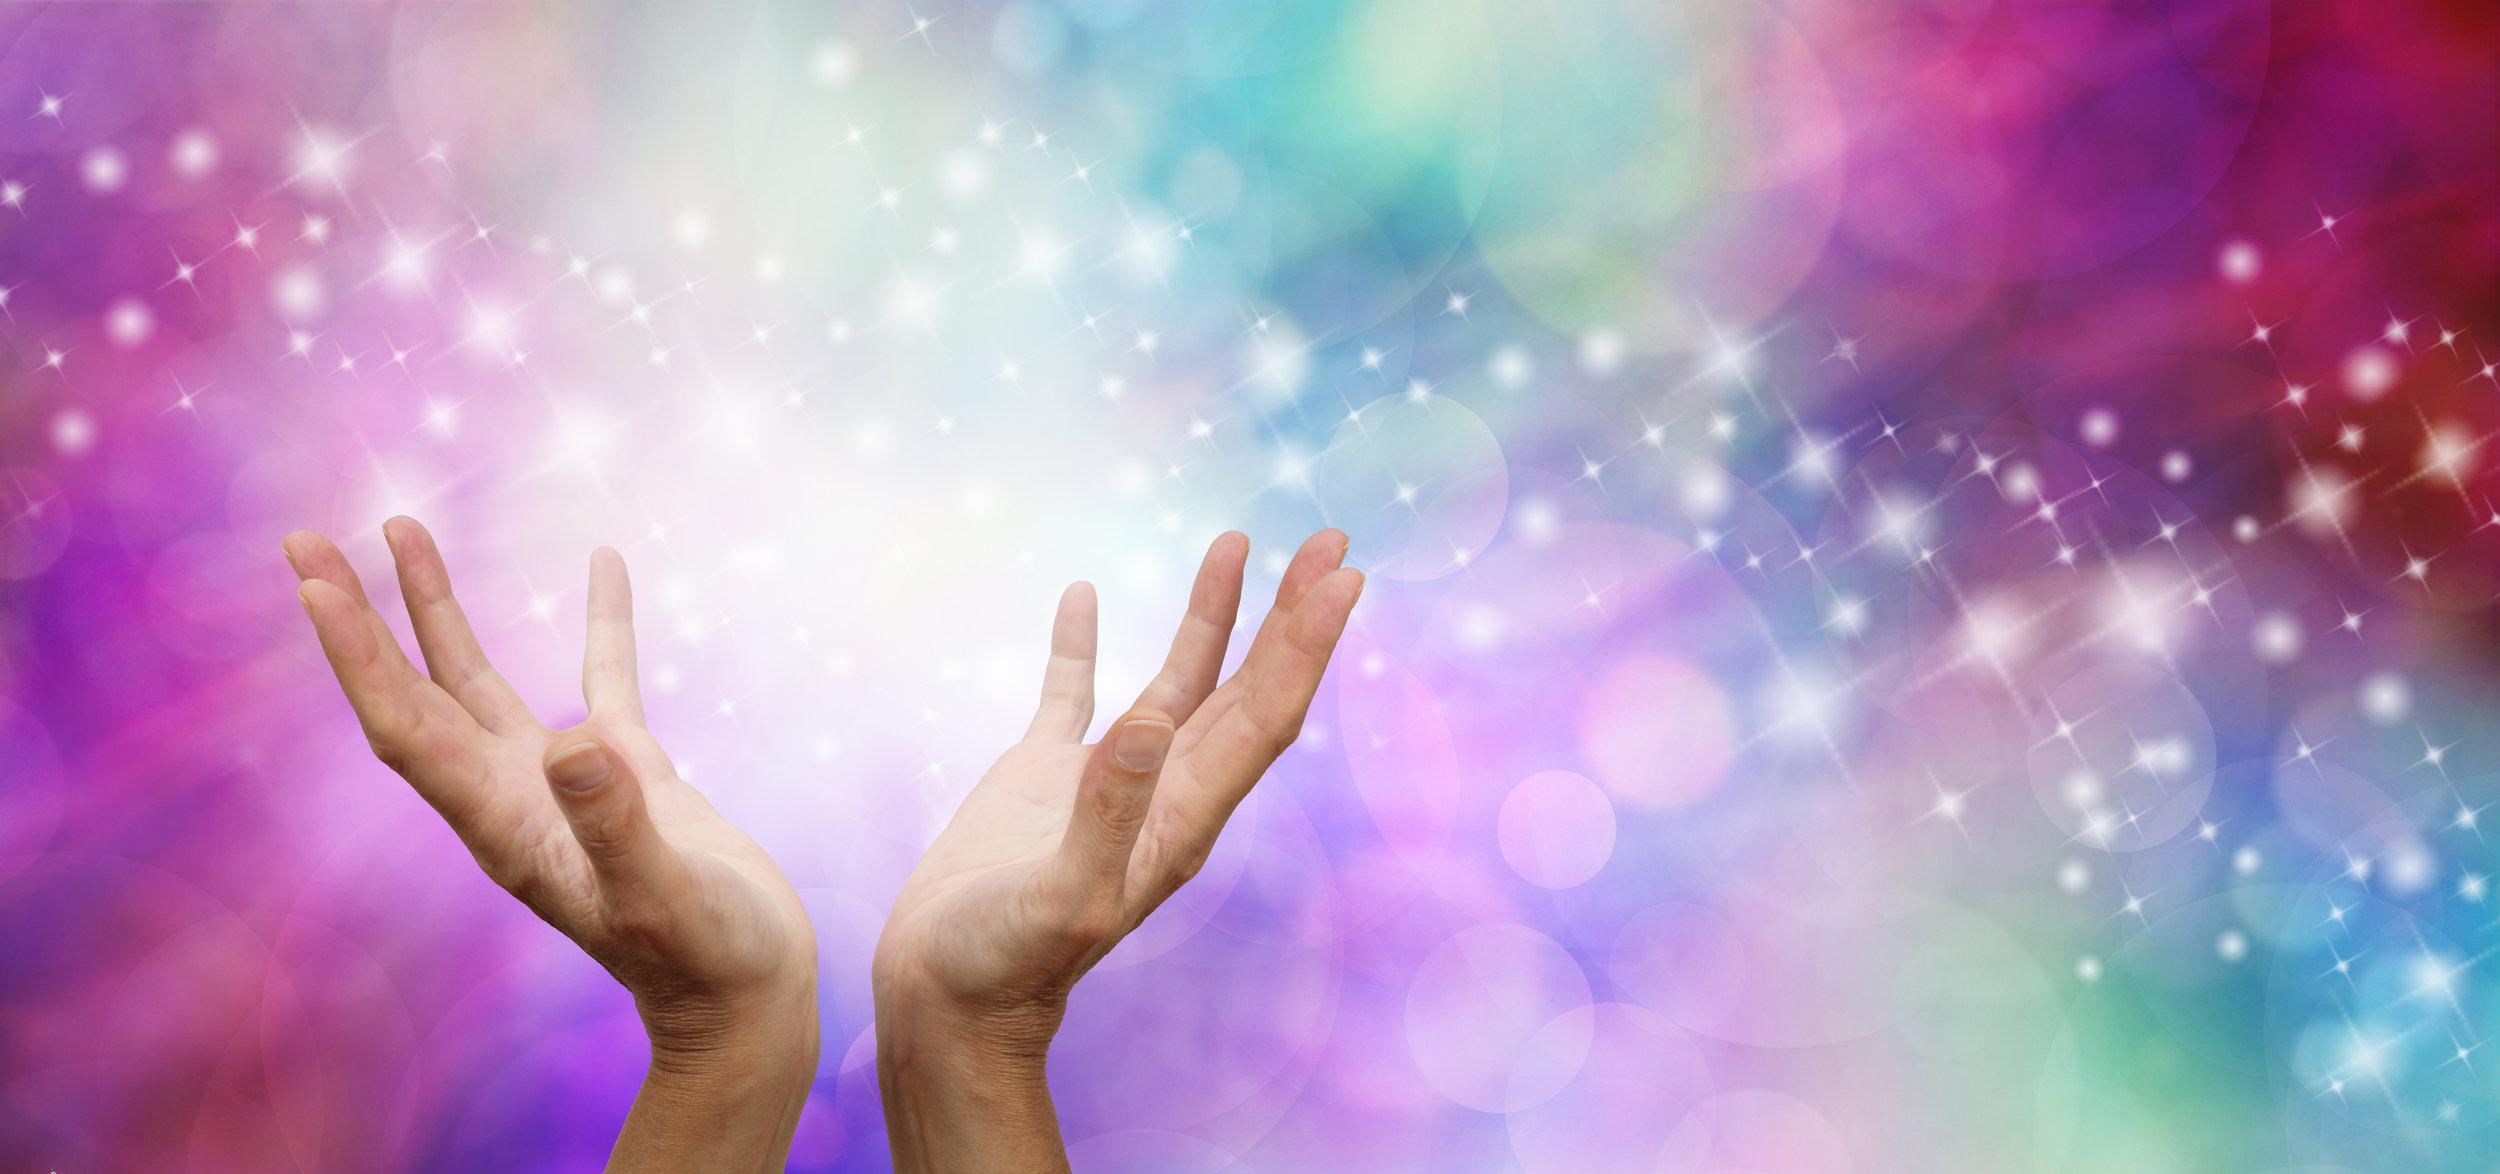 Energy Healing Work and Play with Irena Miller www.irenamiller.com